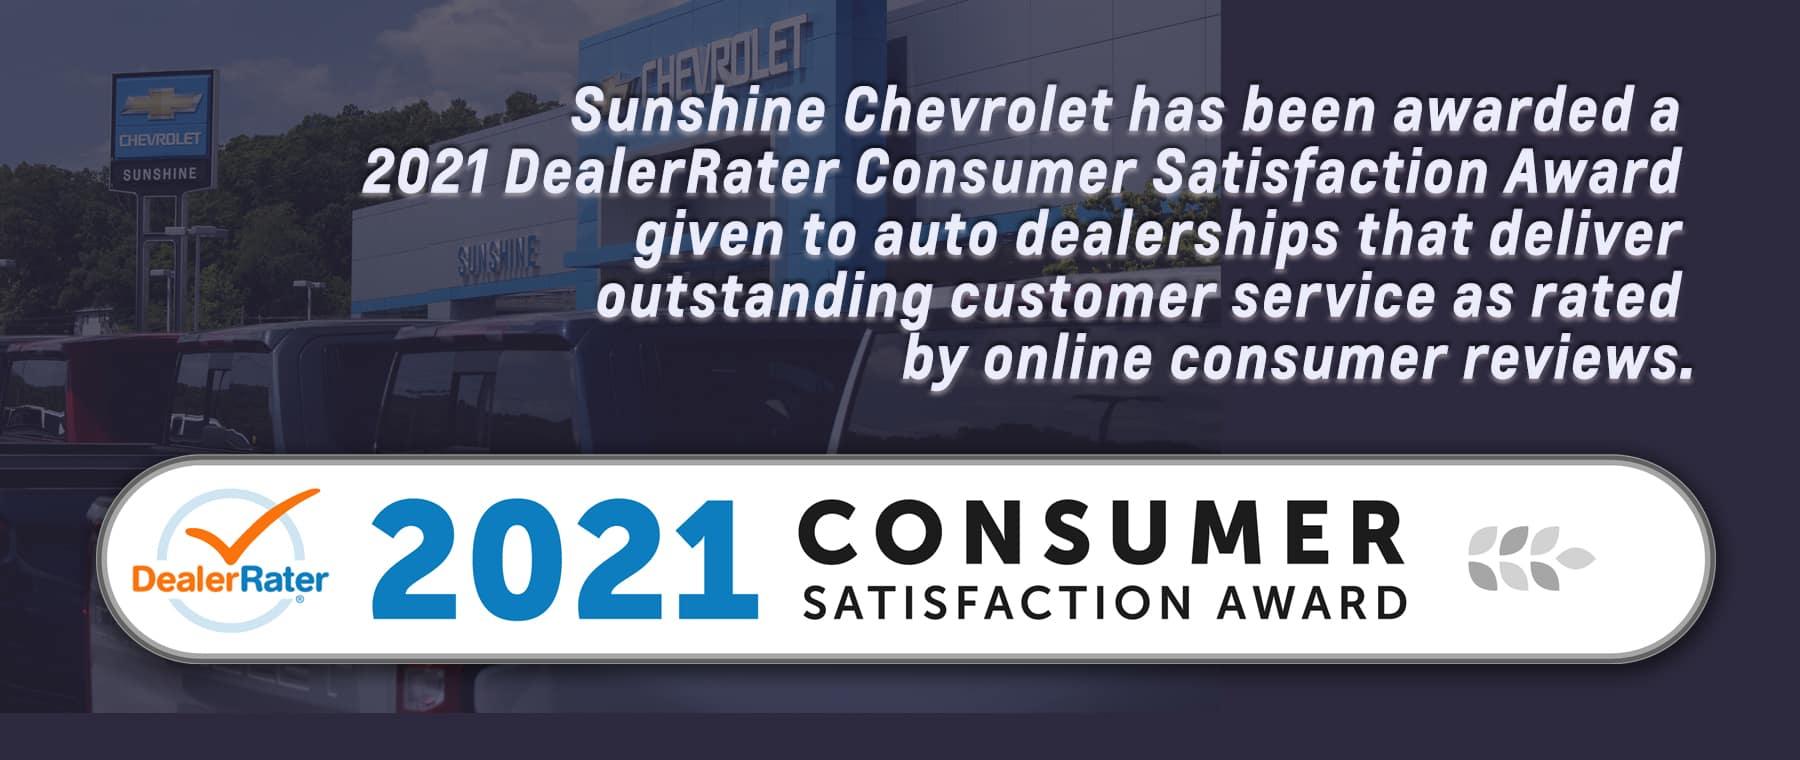 Dealer_Rater_2021_Award_Hero_Slide_20210127